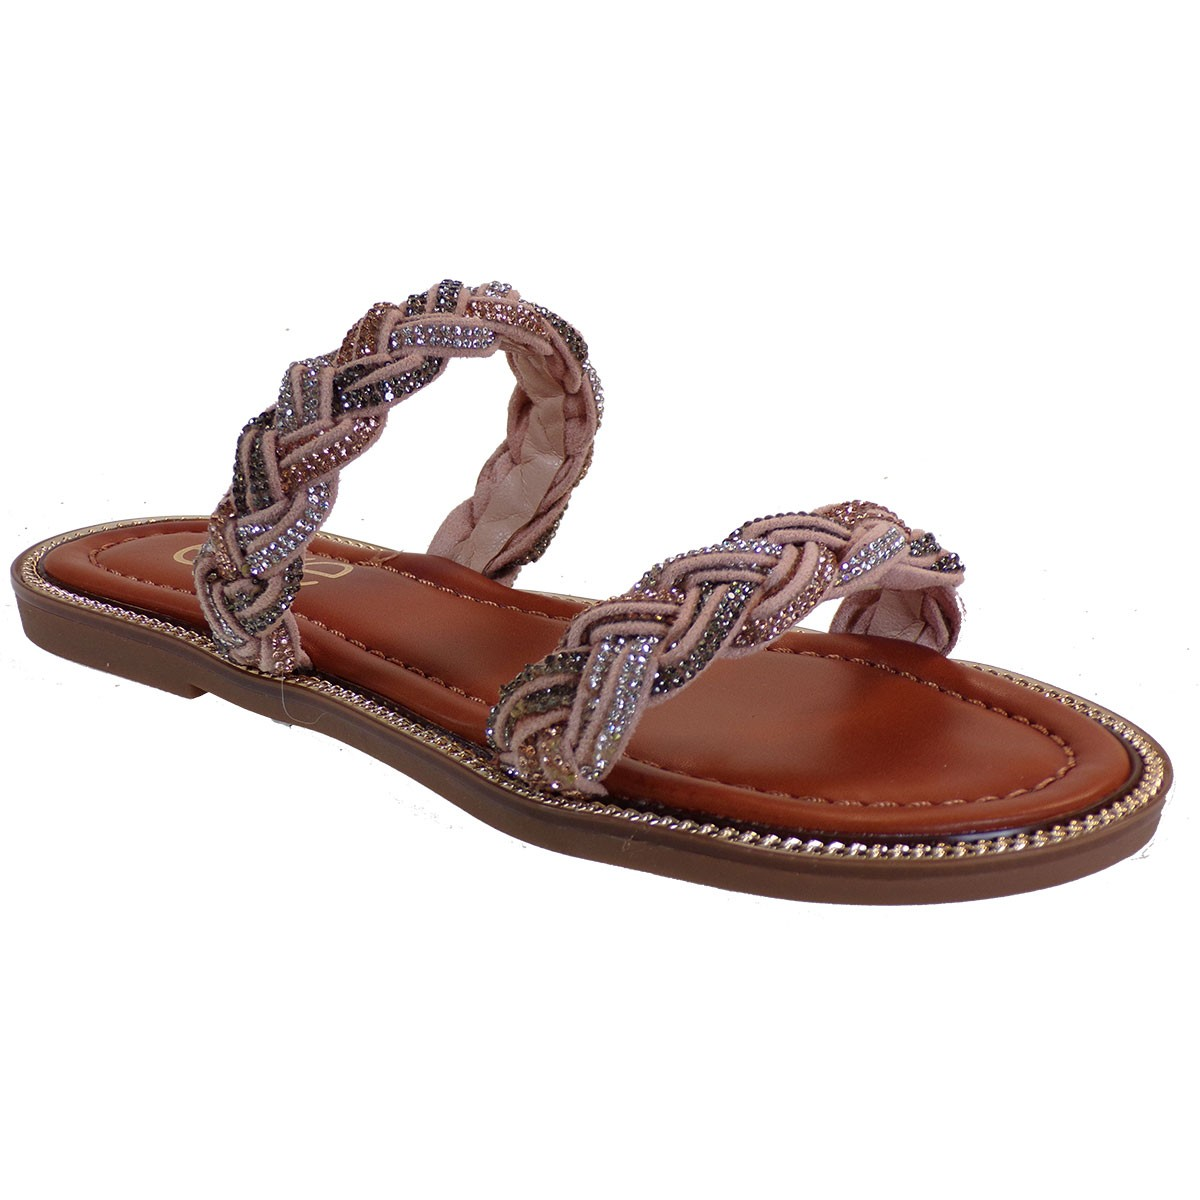 EXE Shoes Γυναικείες Παντόφλες ARIANA-405 Nude M47004051775